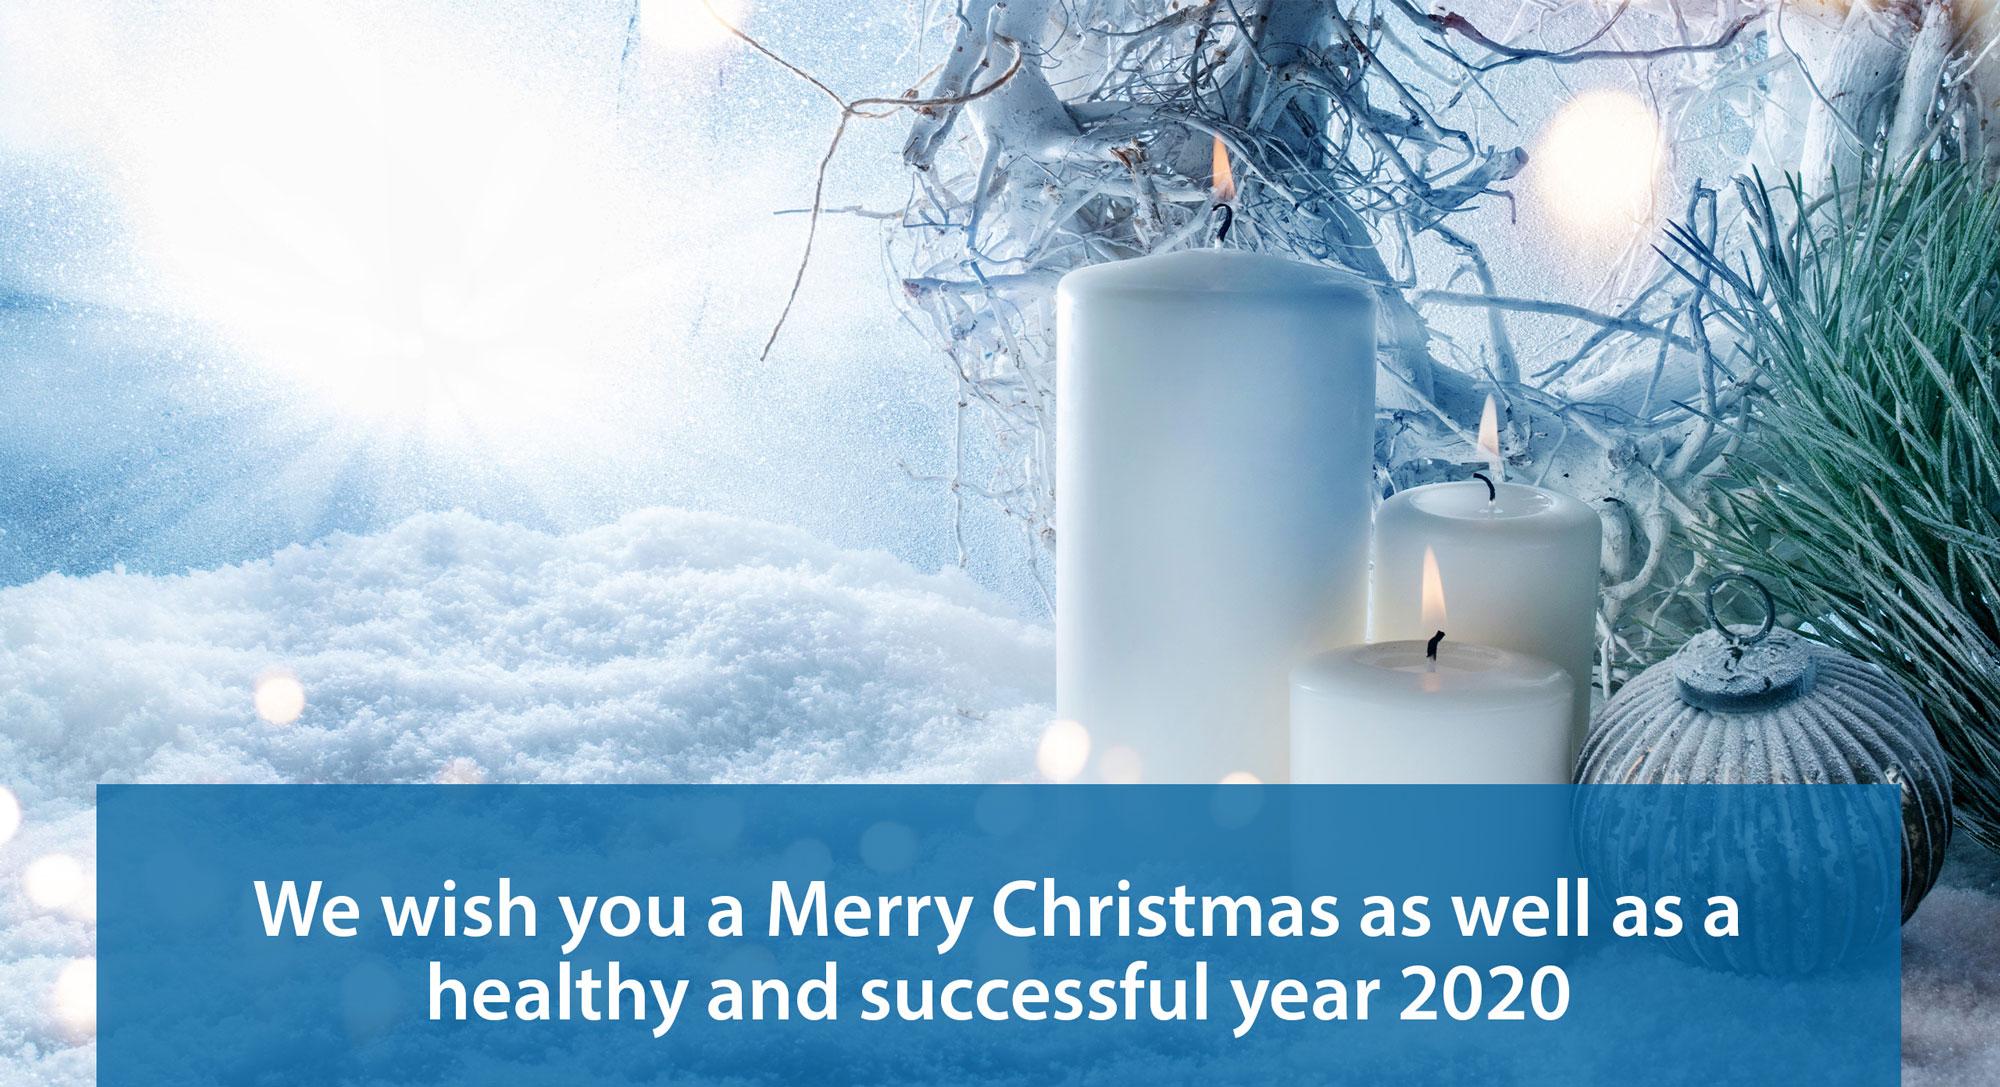 Wedo christmas greetings news 2019_EN